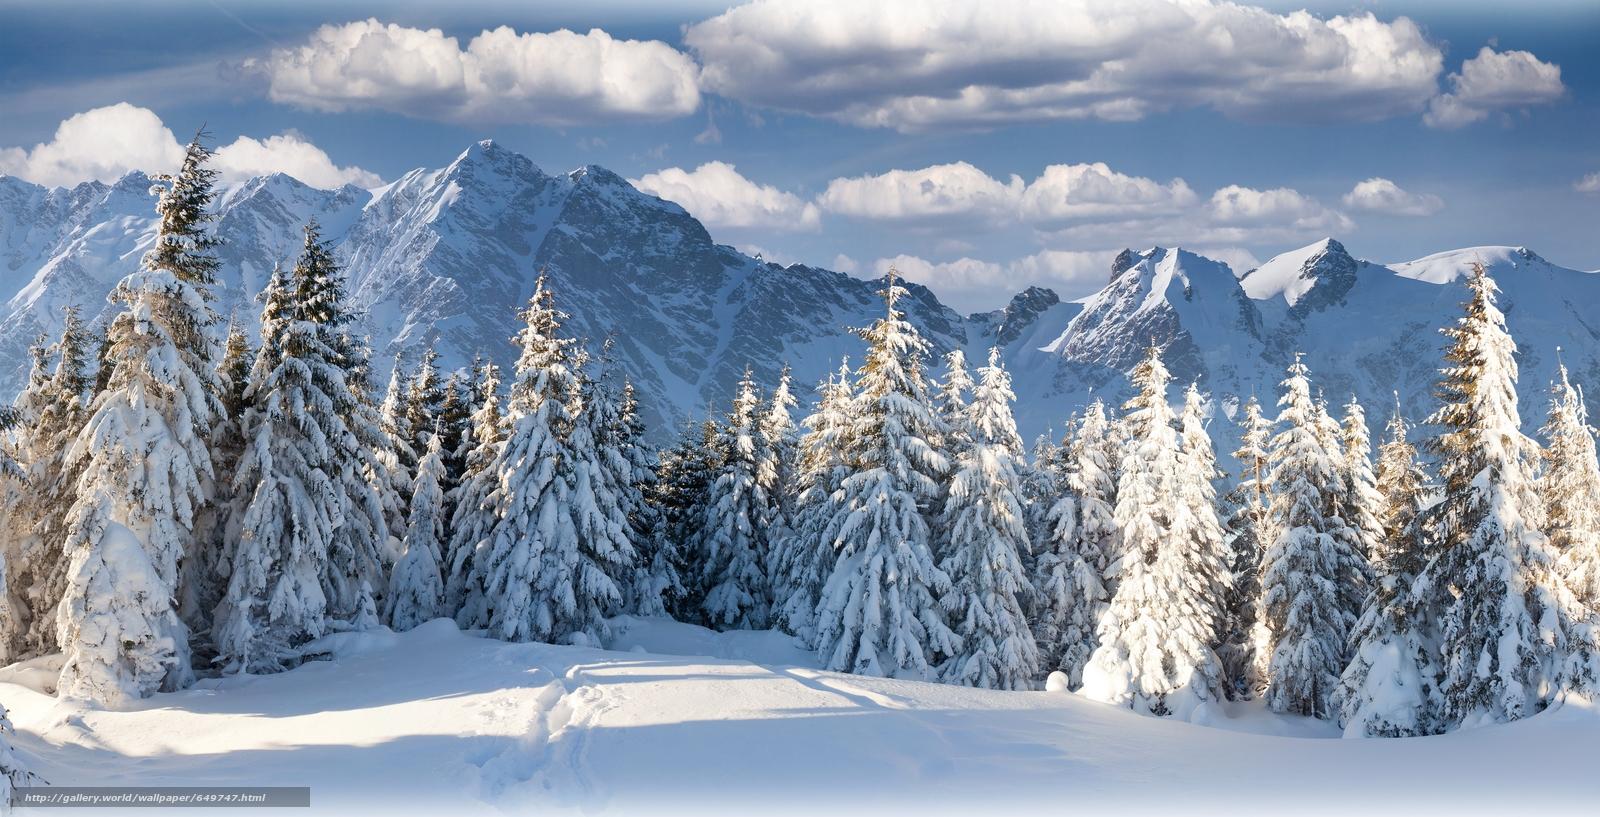 Скачать обои зима,  снег,  горы,  лес бесплатно для рабочего стола в разрешении 6000x3063 — картинка №649747